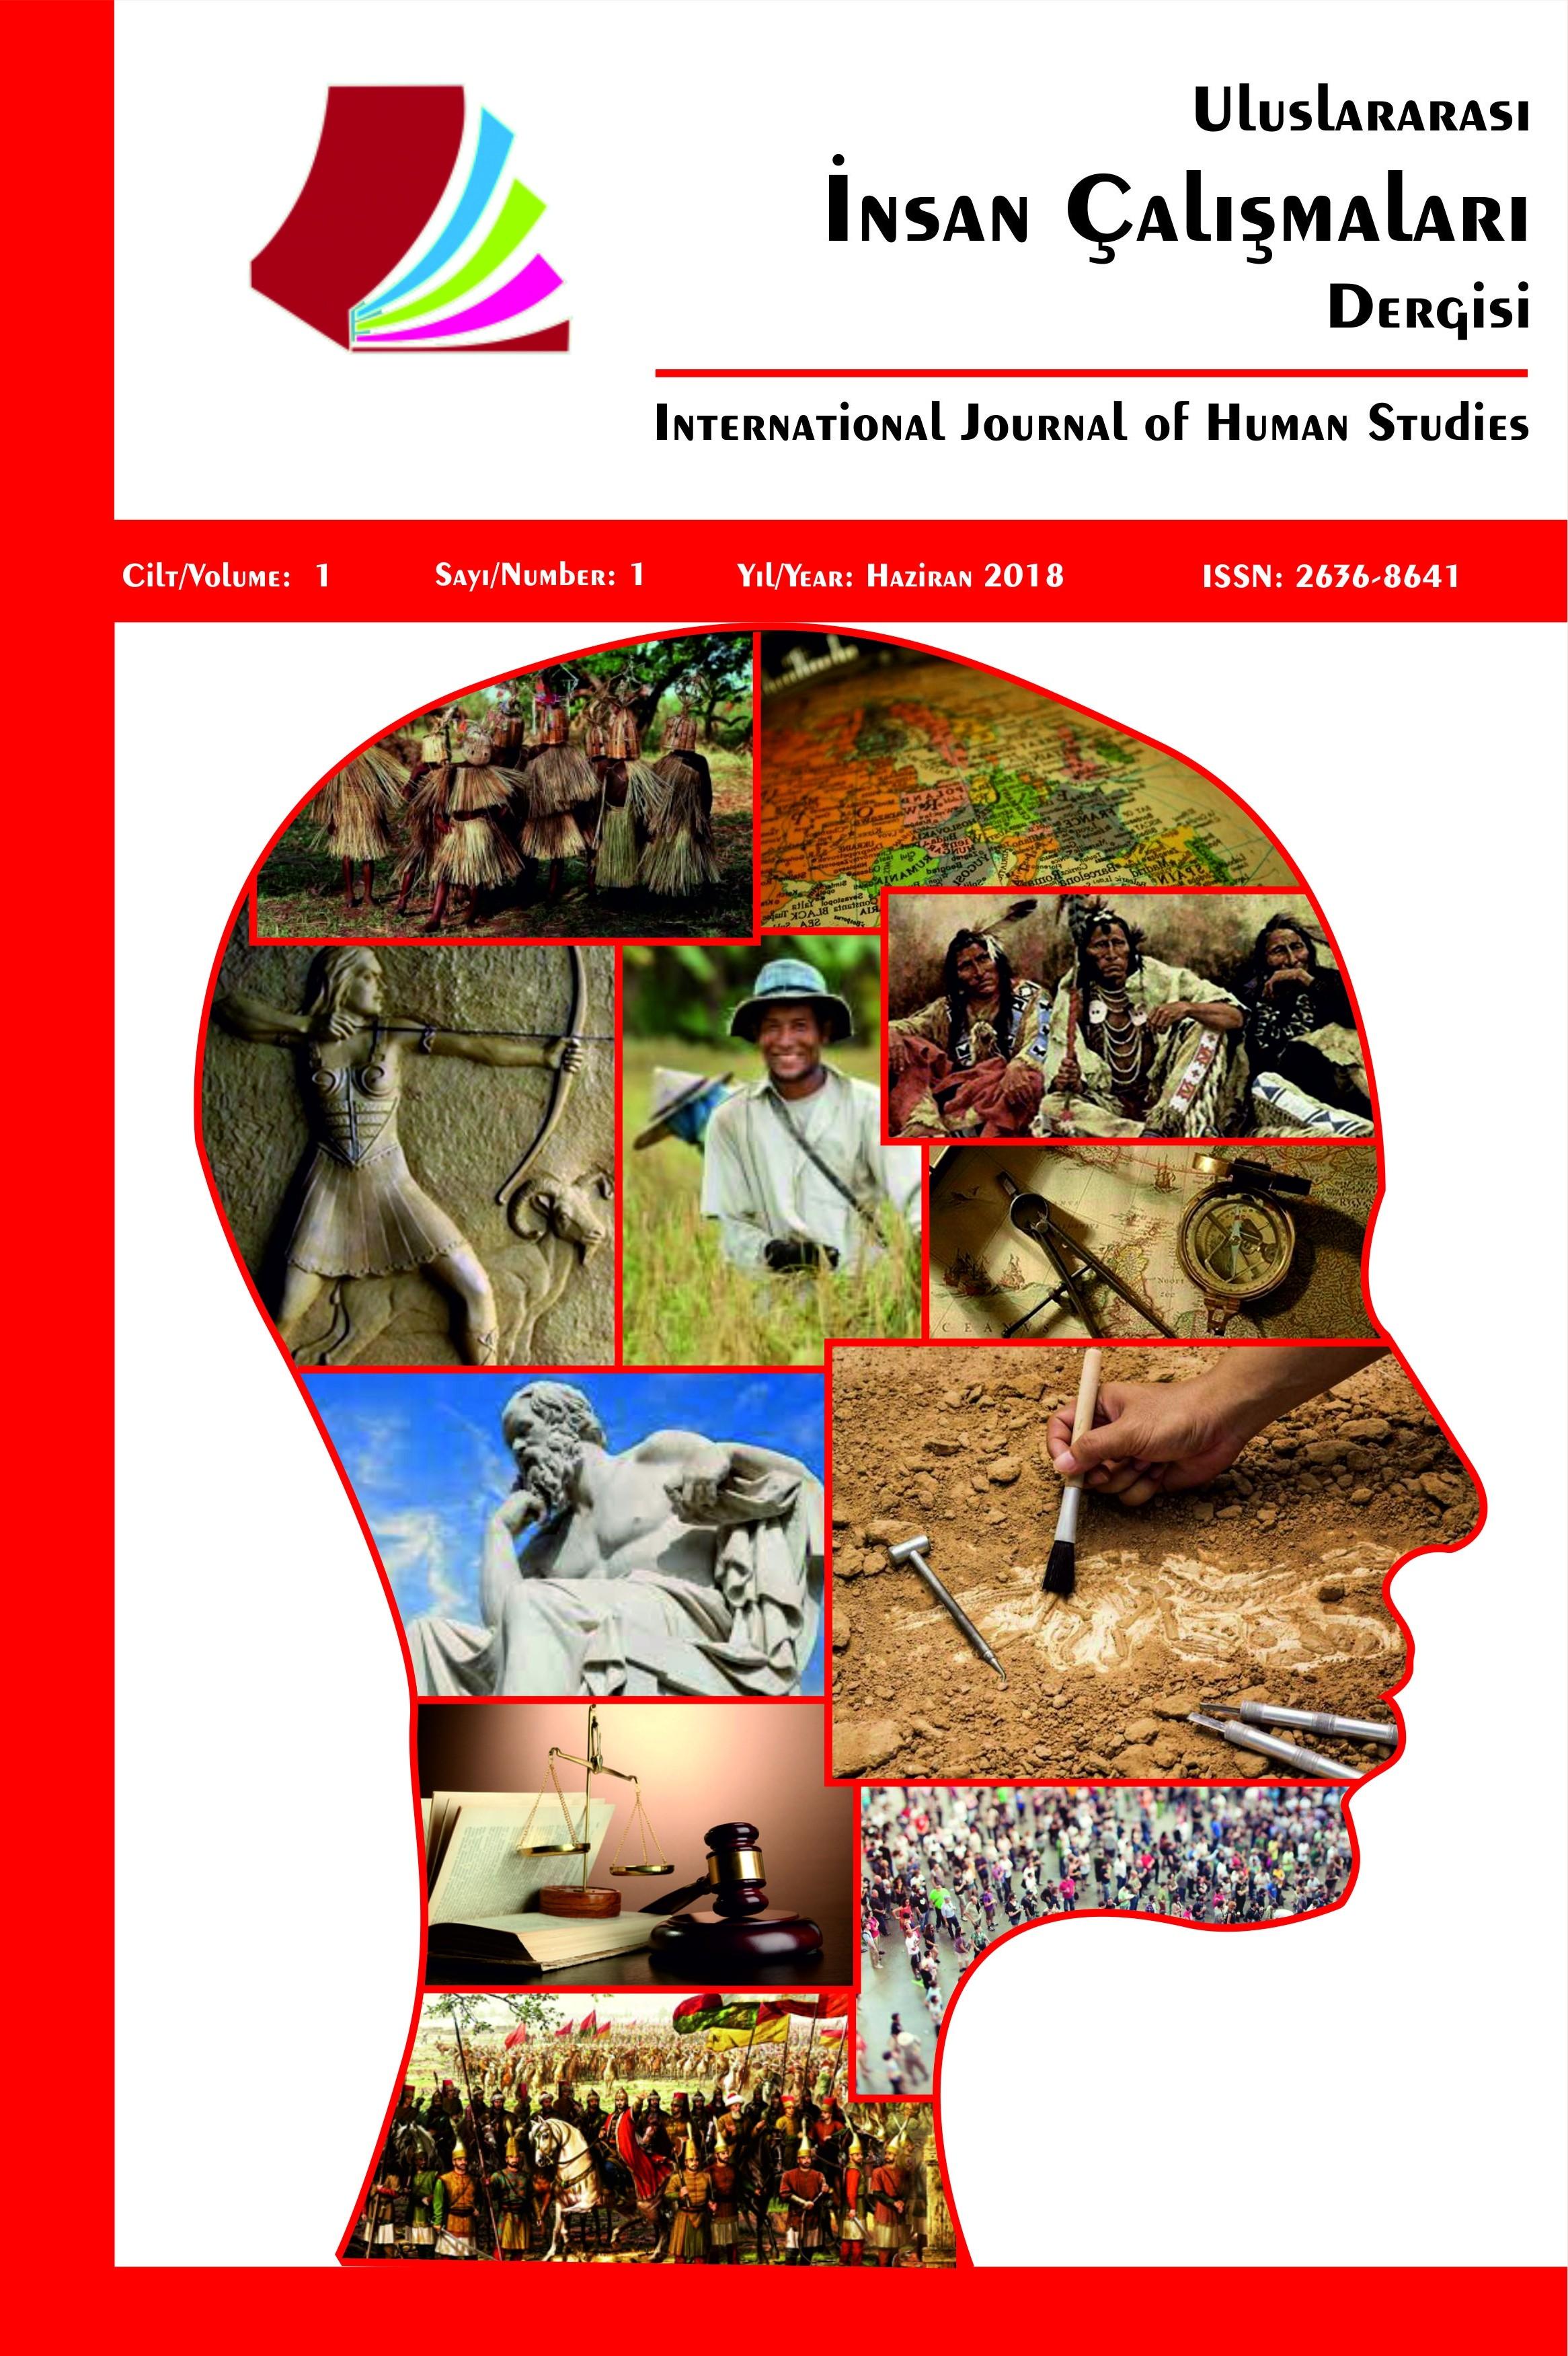 Uluslararası İnsan Çalışmaları Dergisi